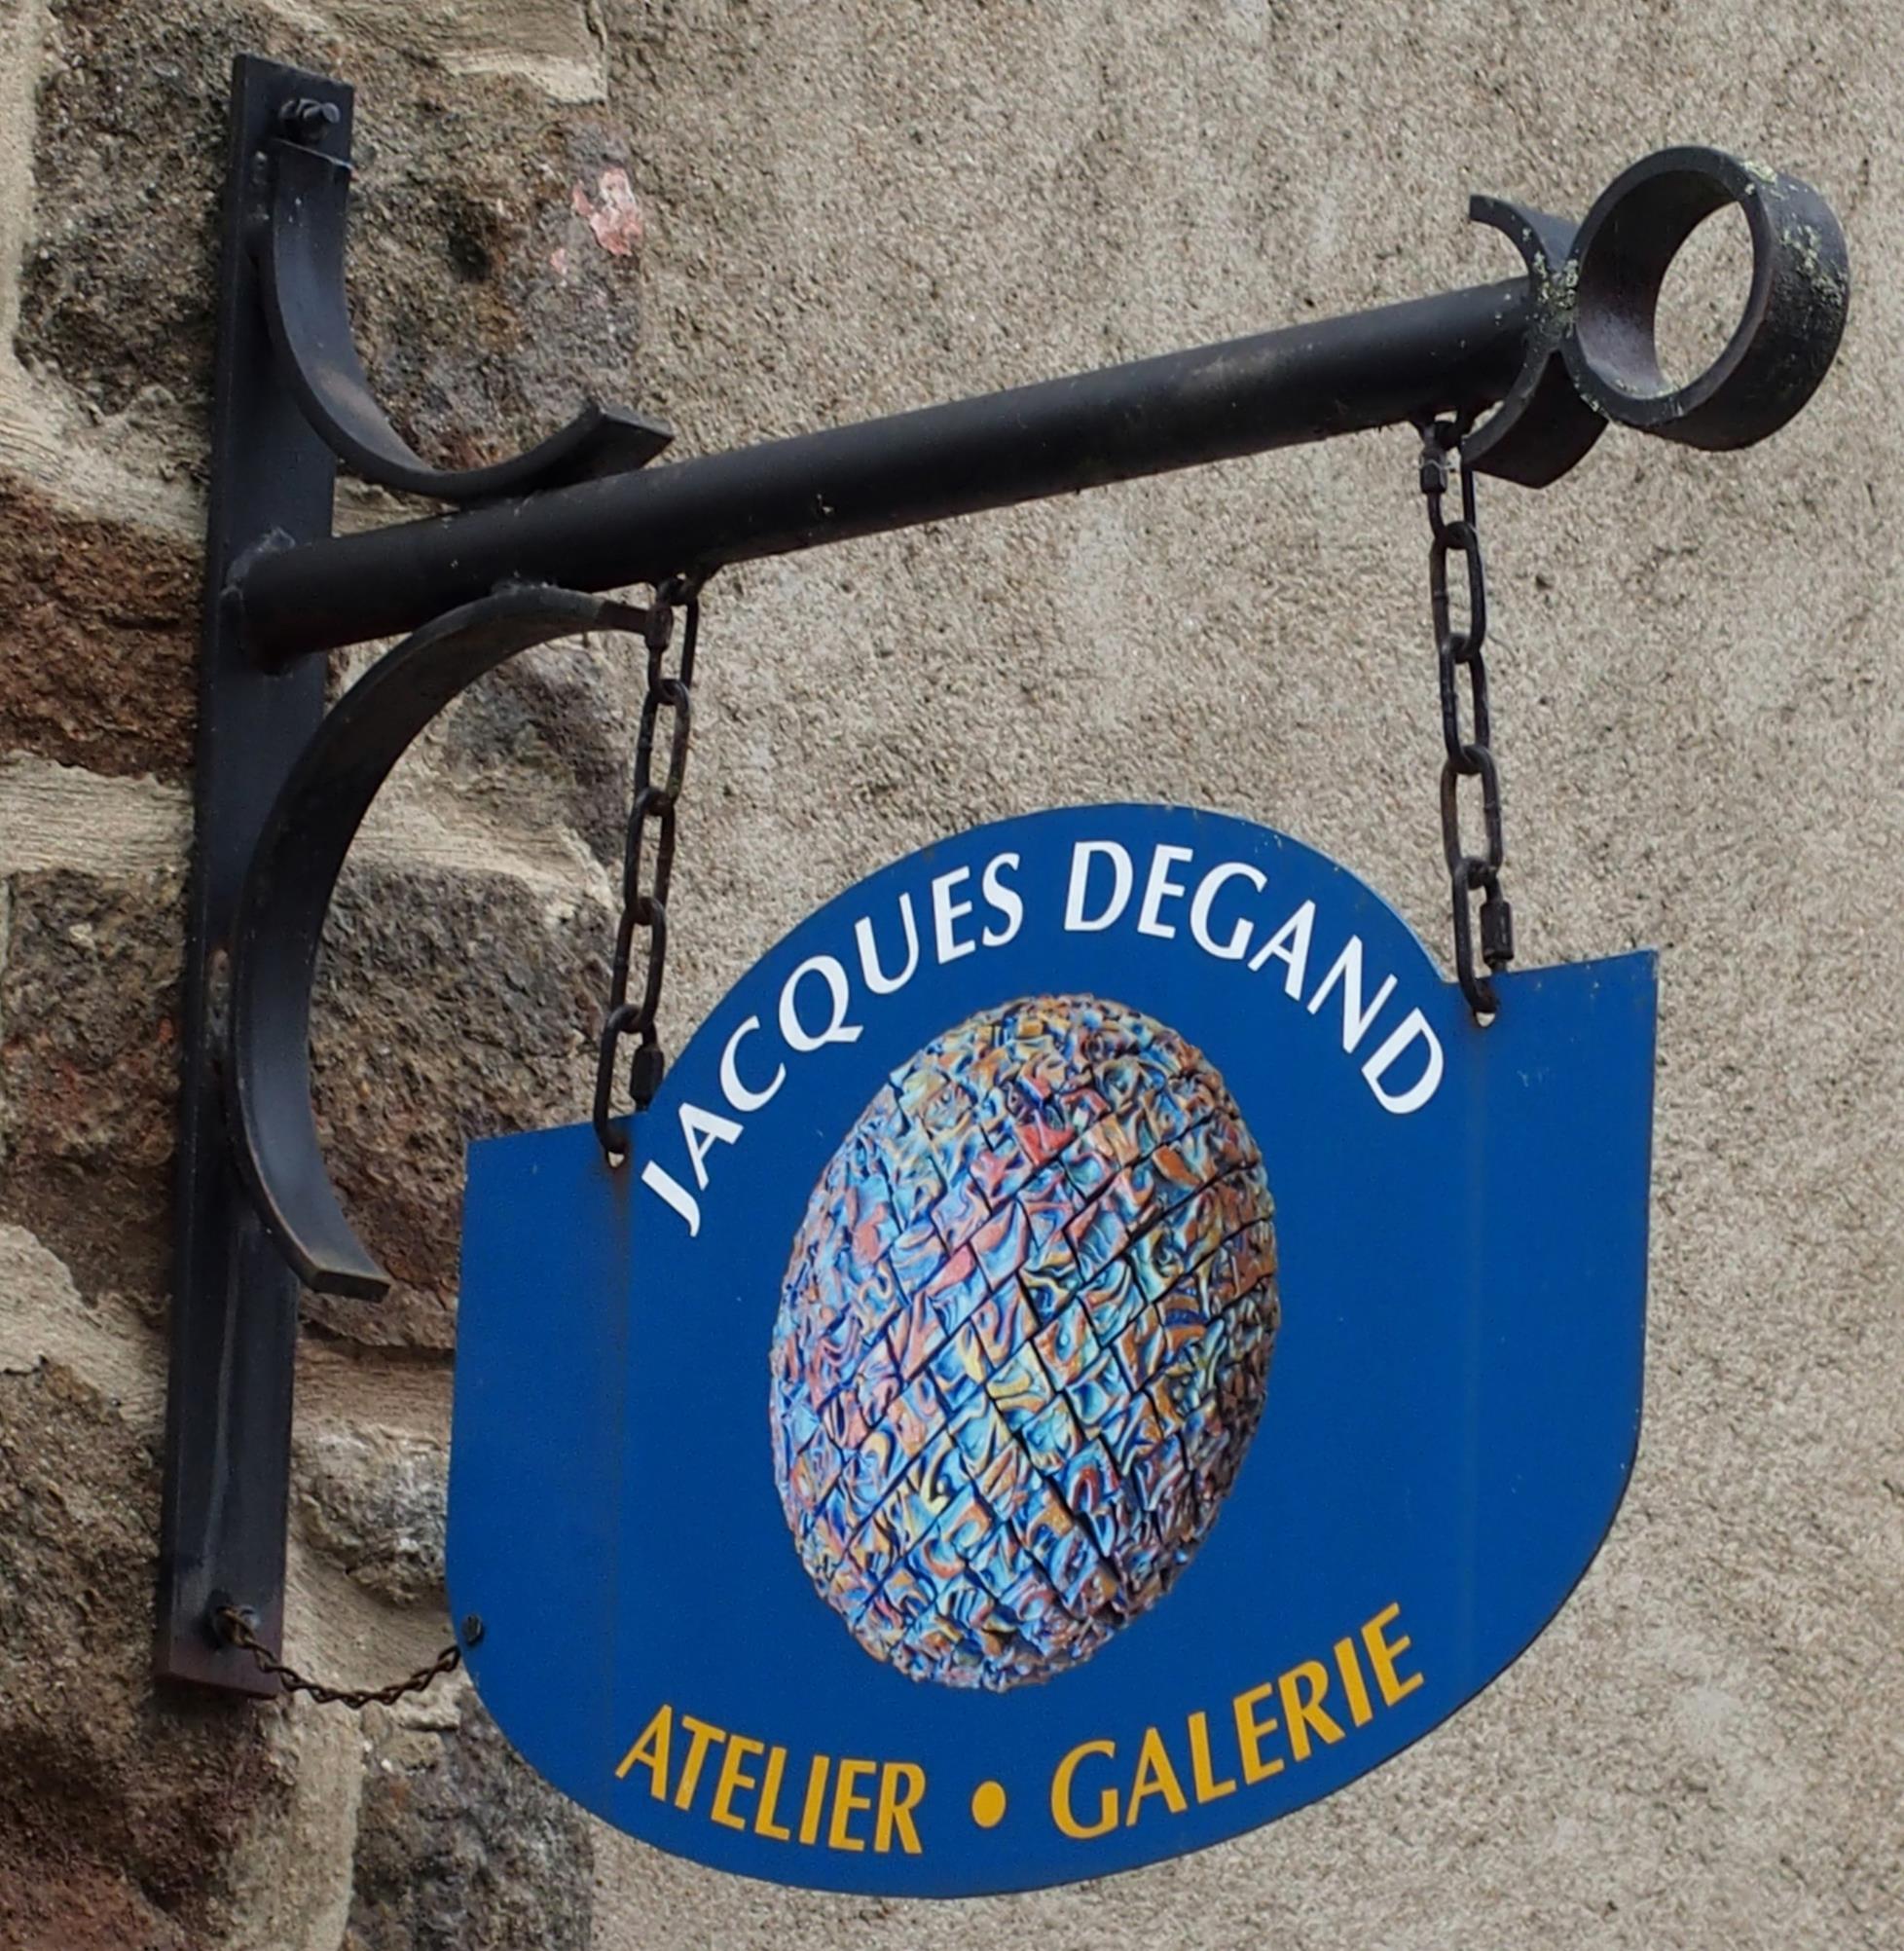 Jacques Dégand (atelier-galerie) - Dinan